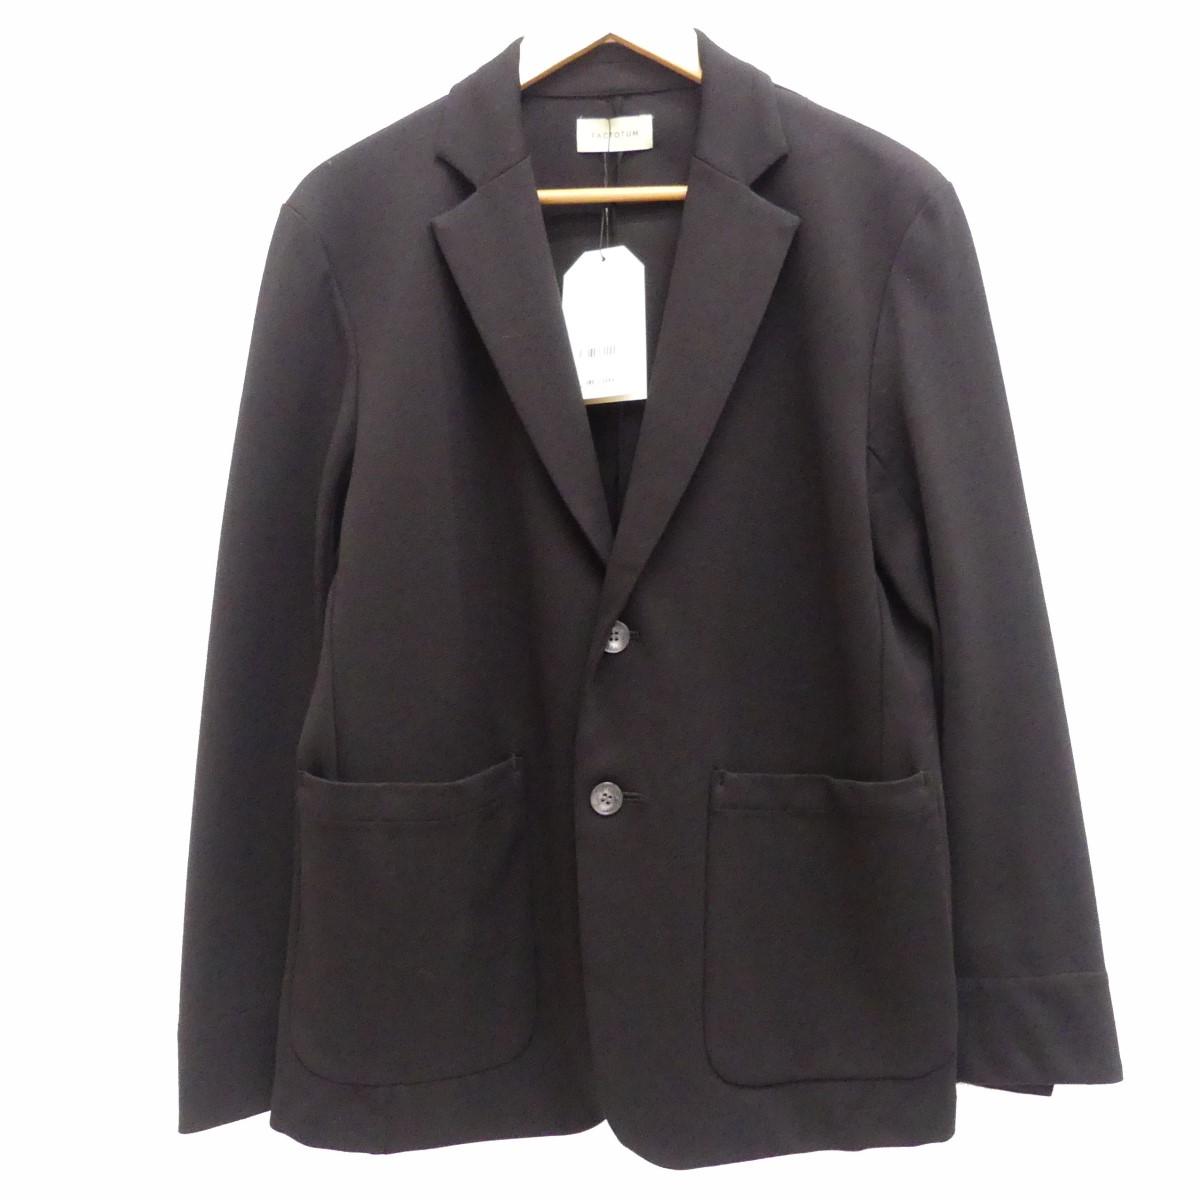 【中古】FACTOTUMカットジャージ2Bジャケット テーラードジャケット ブラック サイズ:S 【5月14日見直し】